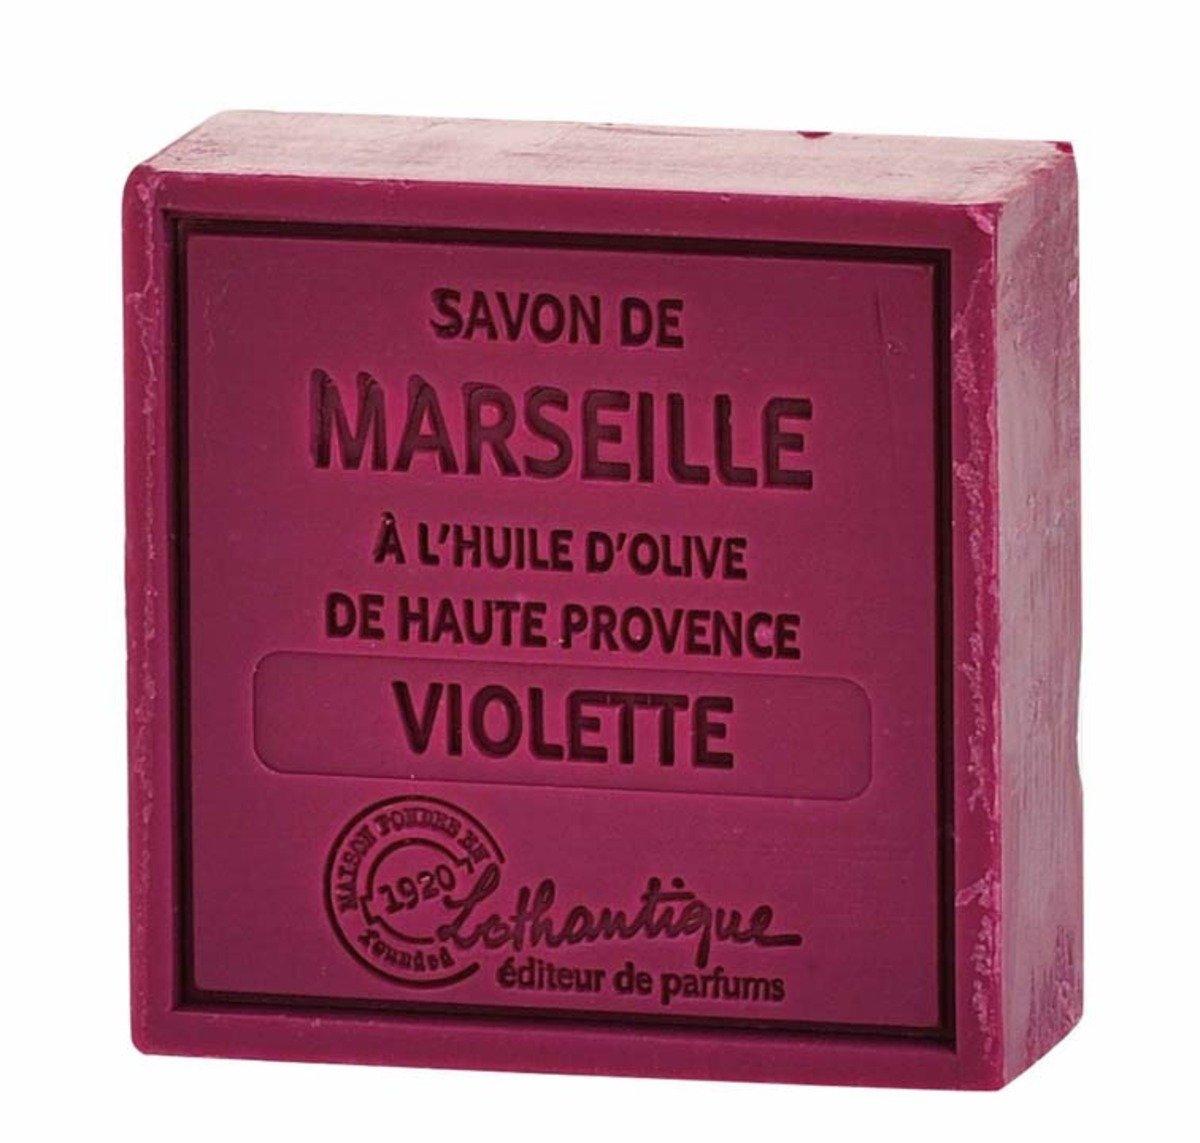 法國馬賽肥皂 -紫羅蘭